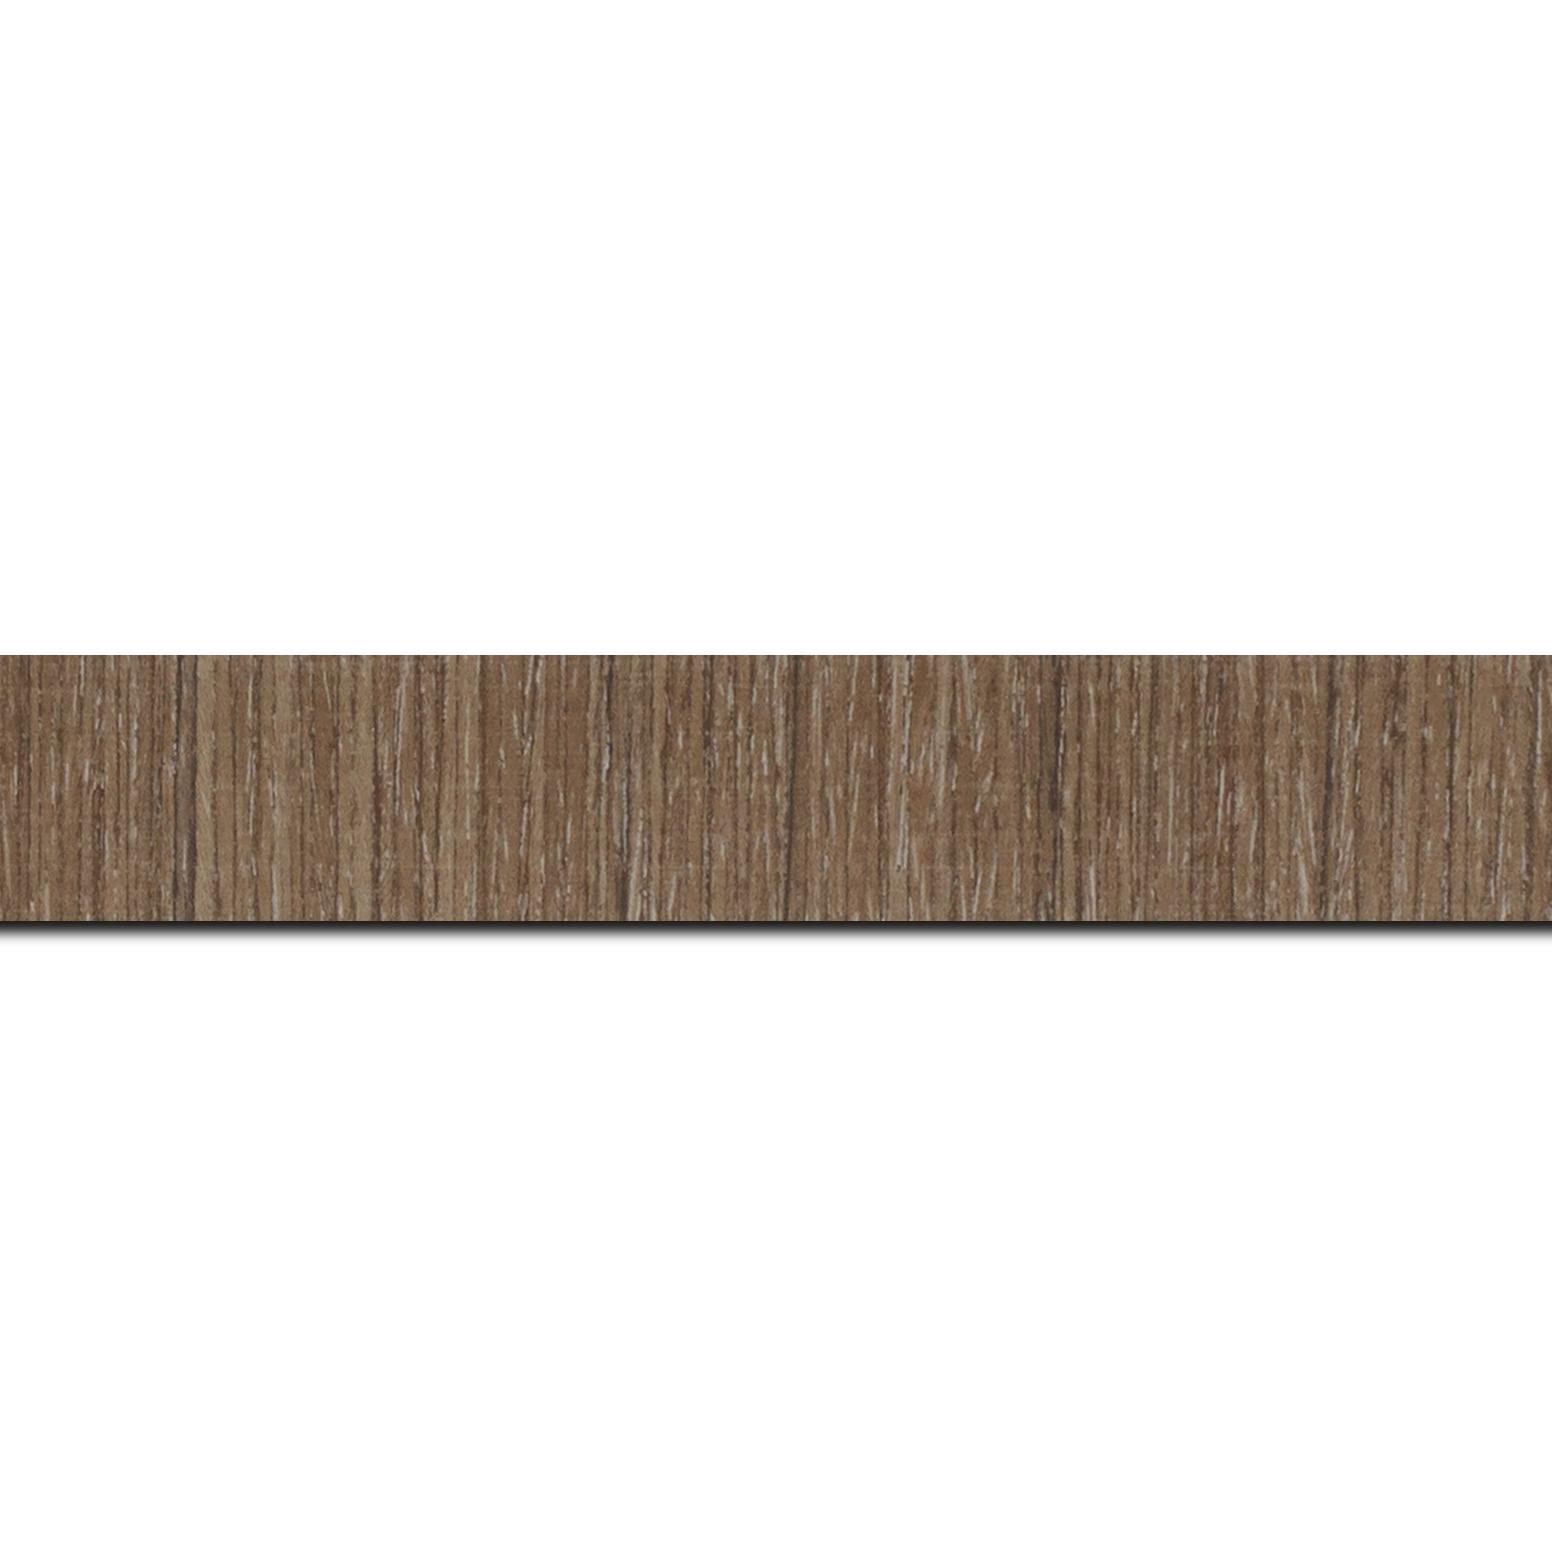 Baguette longueur 1.40m bois profil incurvé largeur 2.8cm plaquage haut de gamme teck blanchi